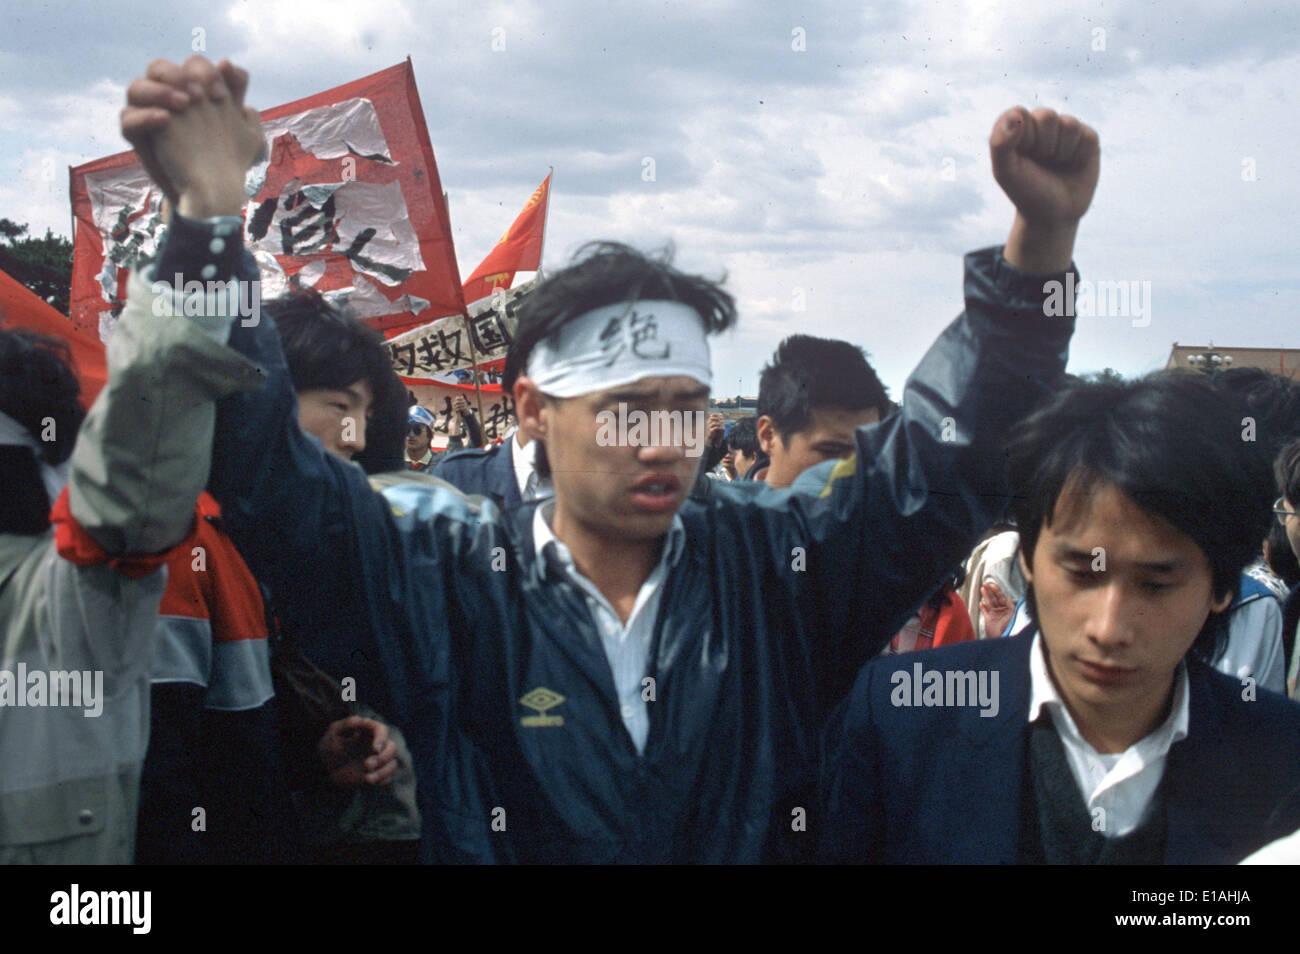 (Arquivo) - Um arquivo de imagem, datada de 13 de Maio de 1989, mostra líder dos protestos estudantis Wuer Imagens de Stock